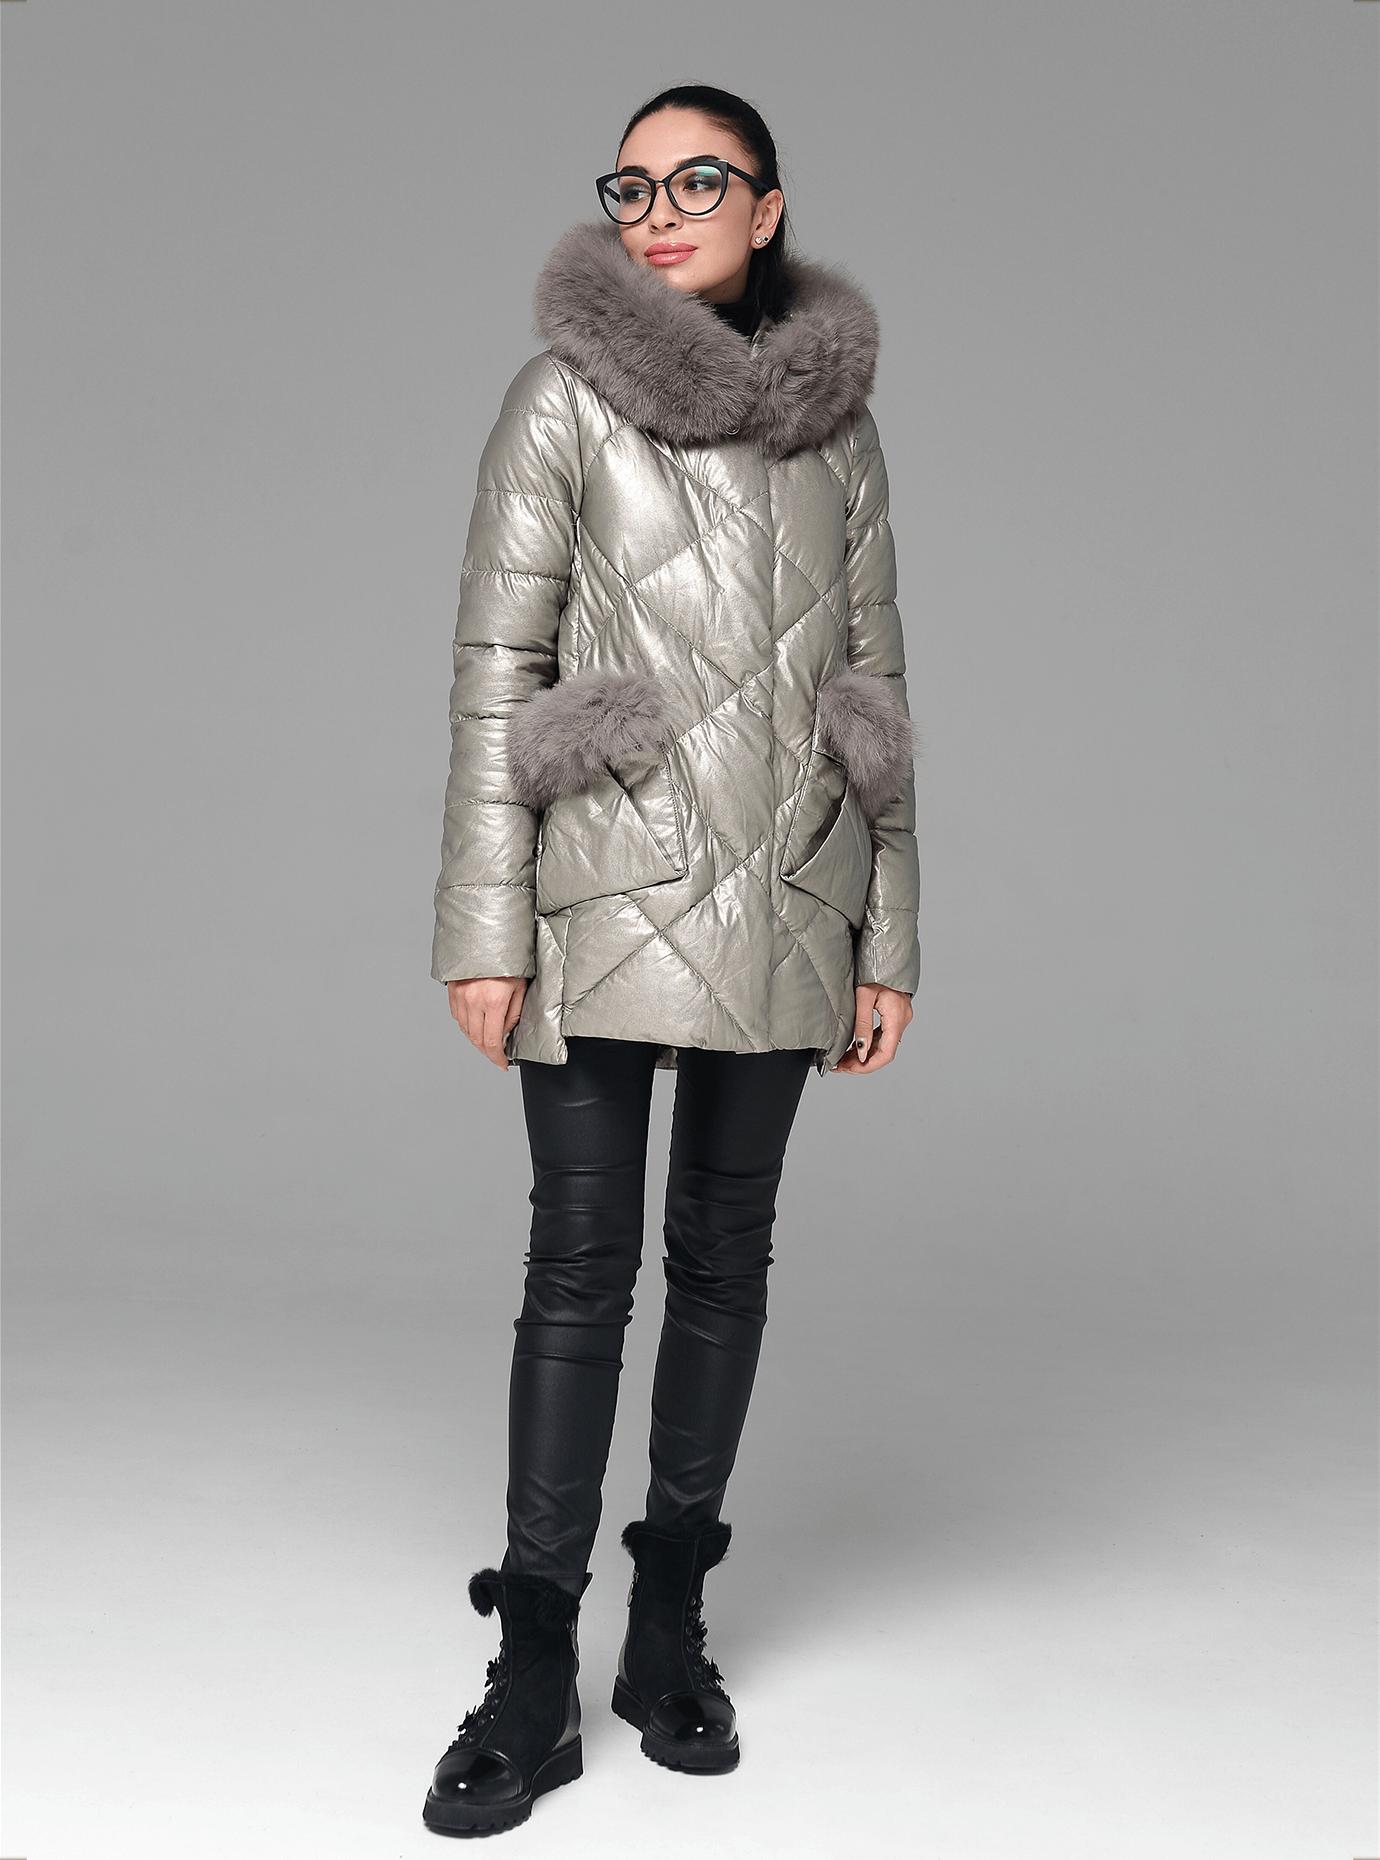 Куртка середньої довжини з хутром песця Бежевий S (05-ZL2250): фото - Alster.ua